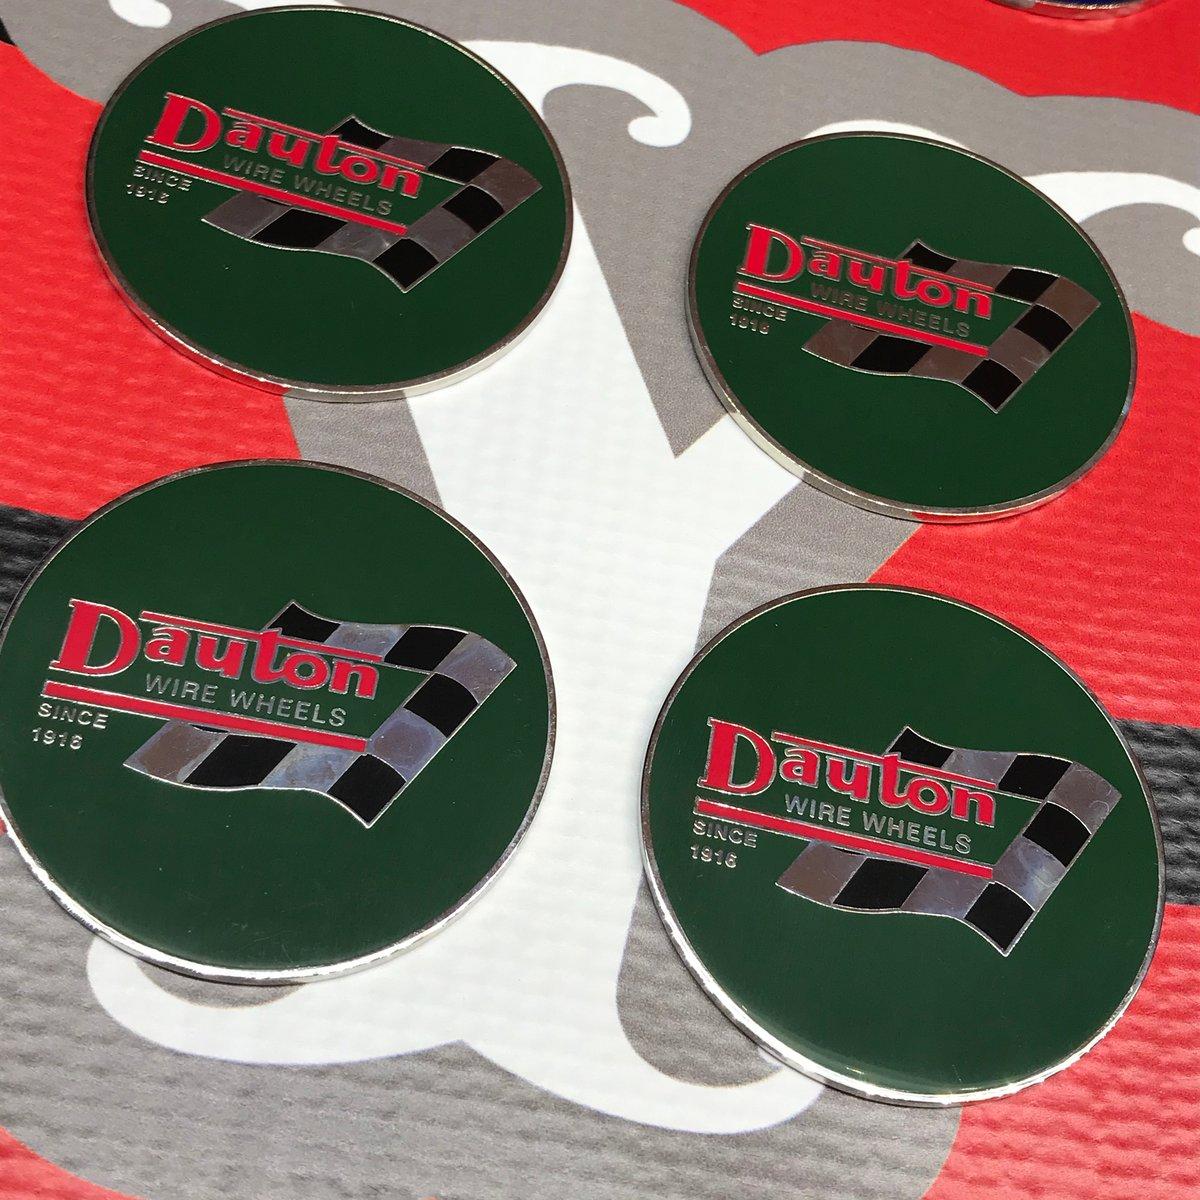 Image of Green Dayton chips